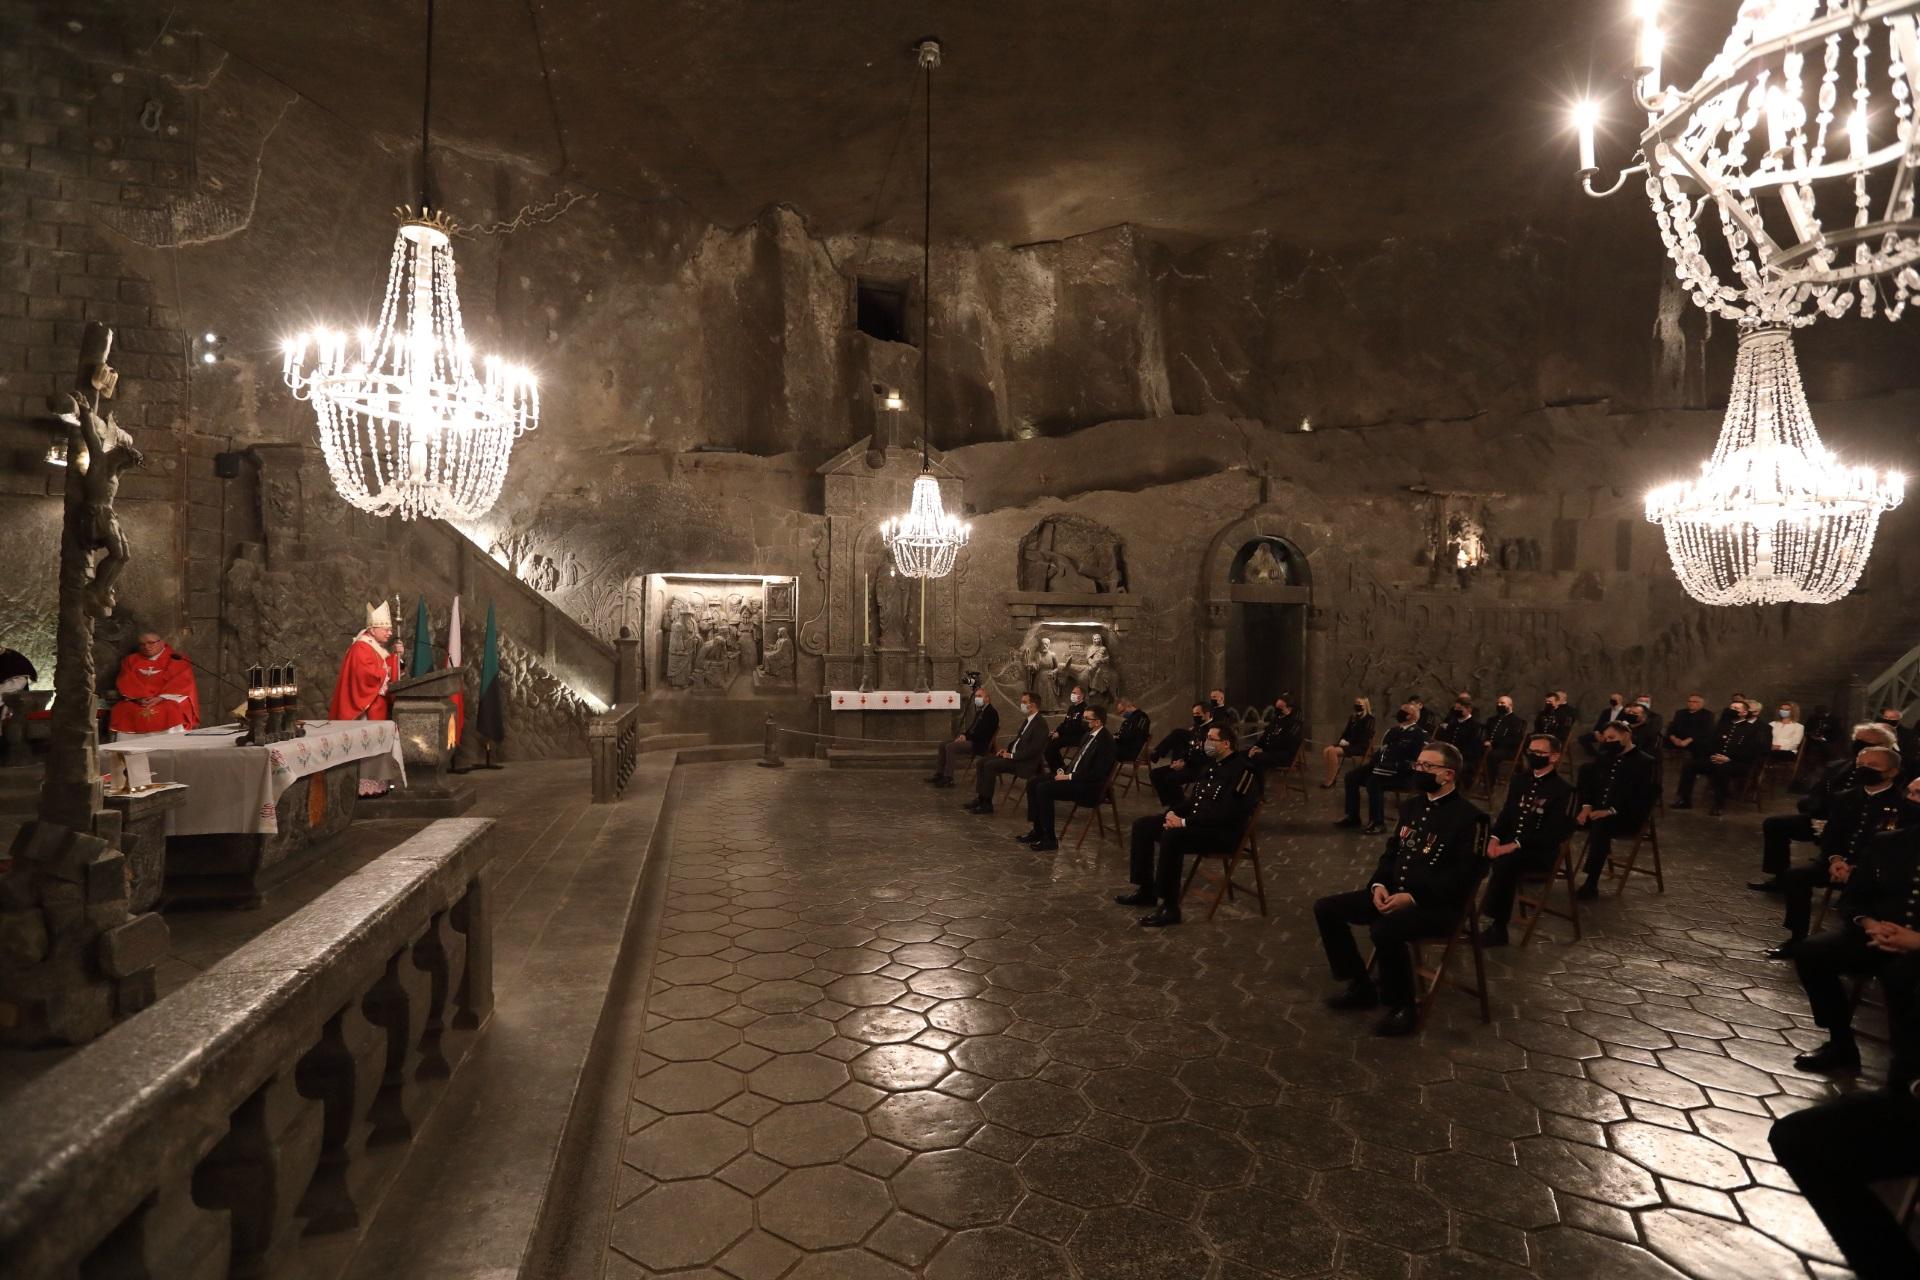 Po lewej stronie widać stół ołtarzowy oraz celebransa, po prawej uczestników mszy